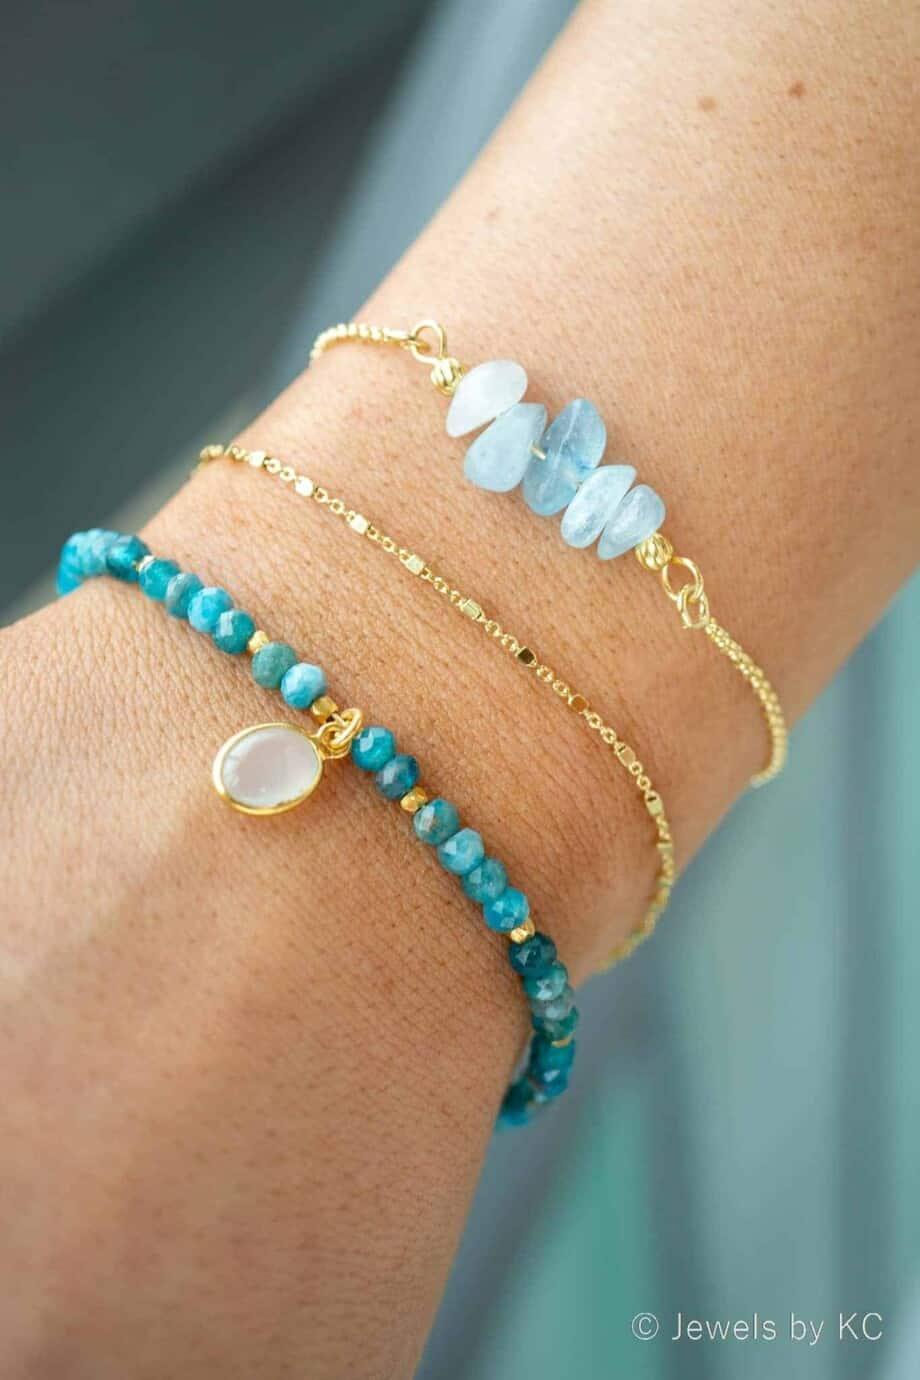 Edelstenen armbandje van blauwe Apatiet kralen en witte Maansteen en Goud op Zilver slotjes en kettinkje